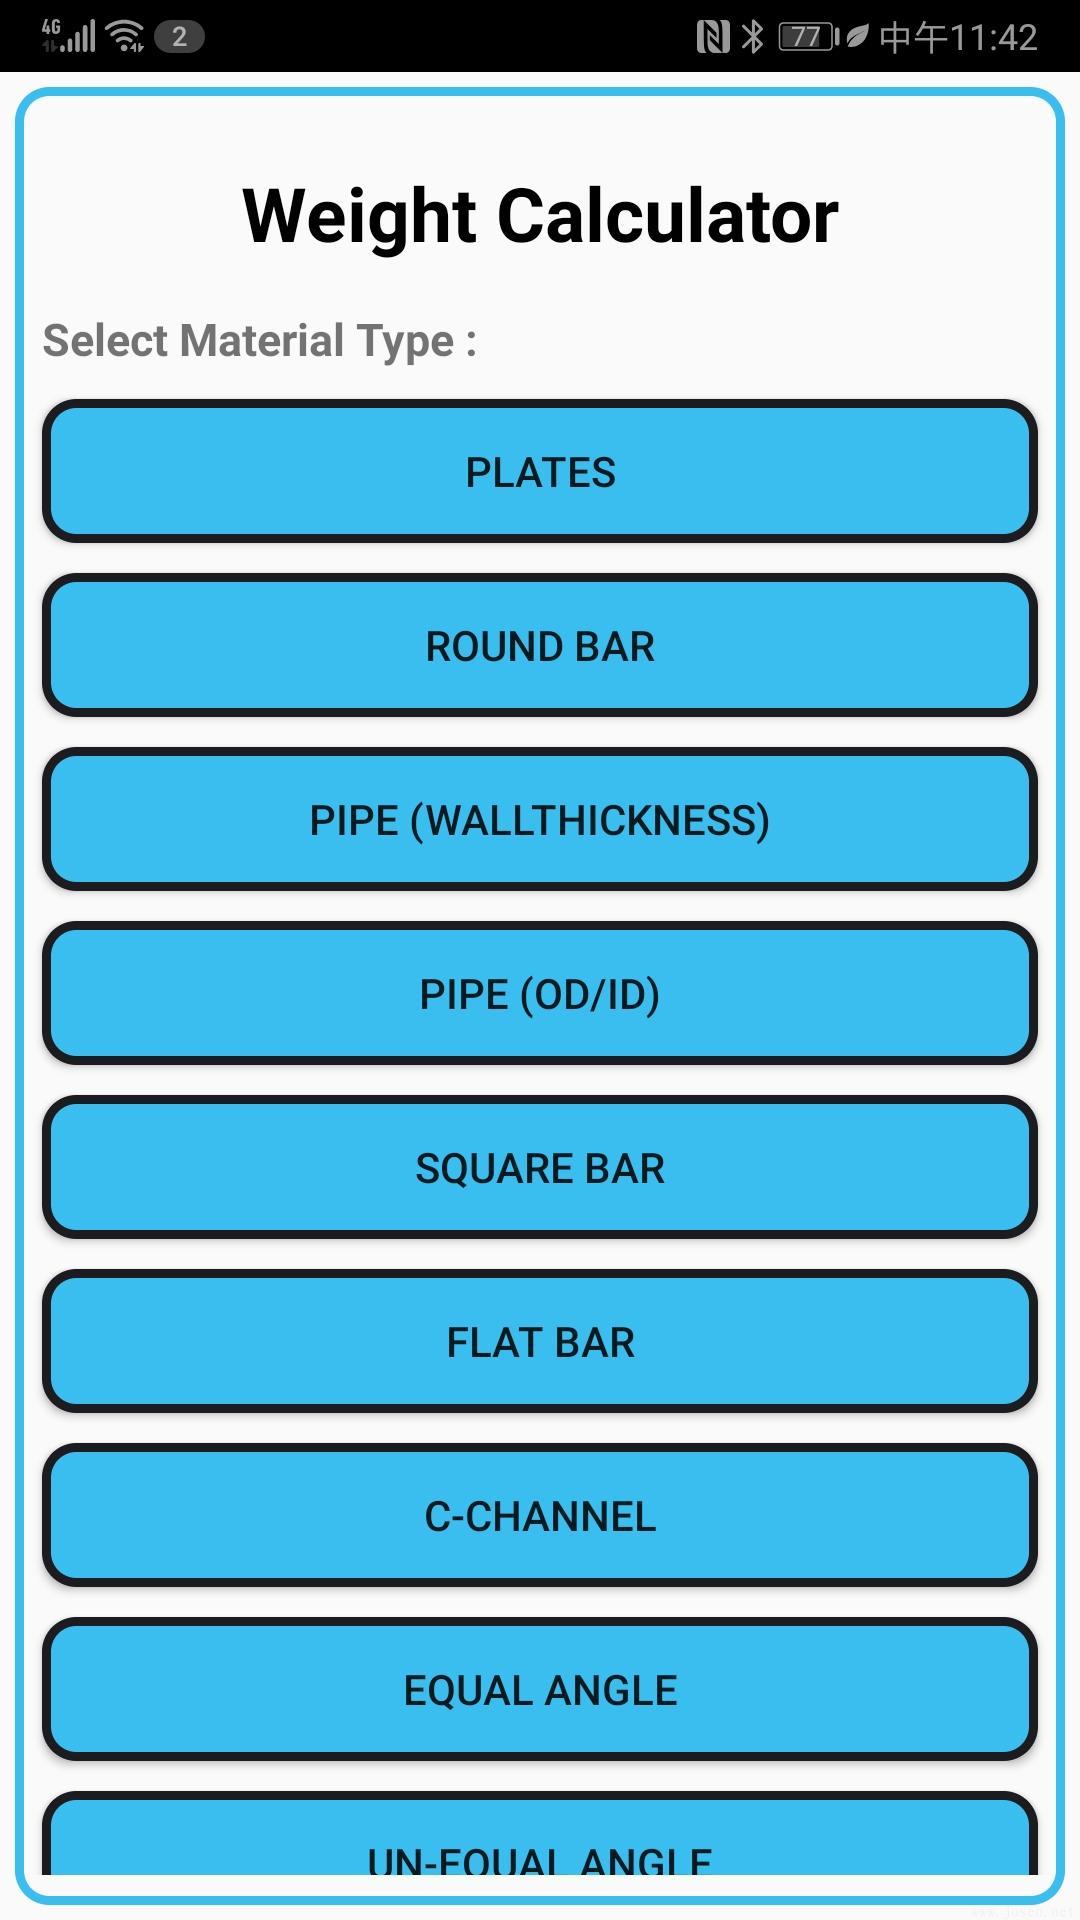 Weight Calculator-2.jpg